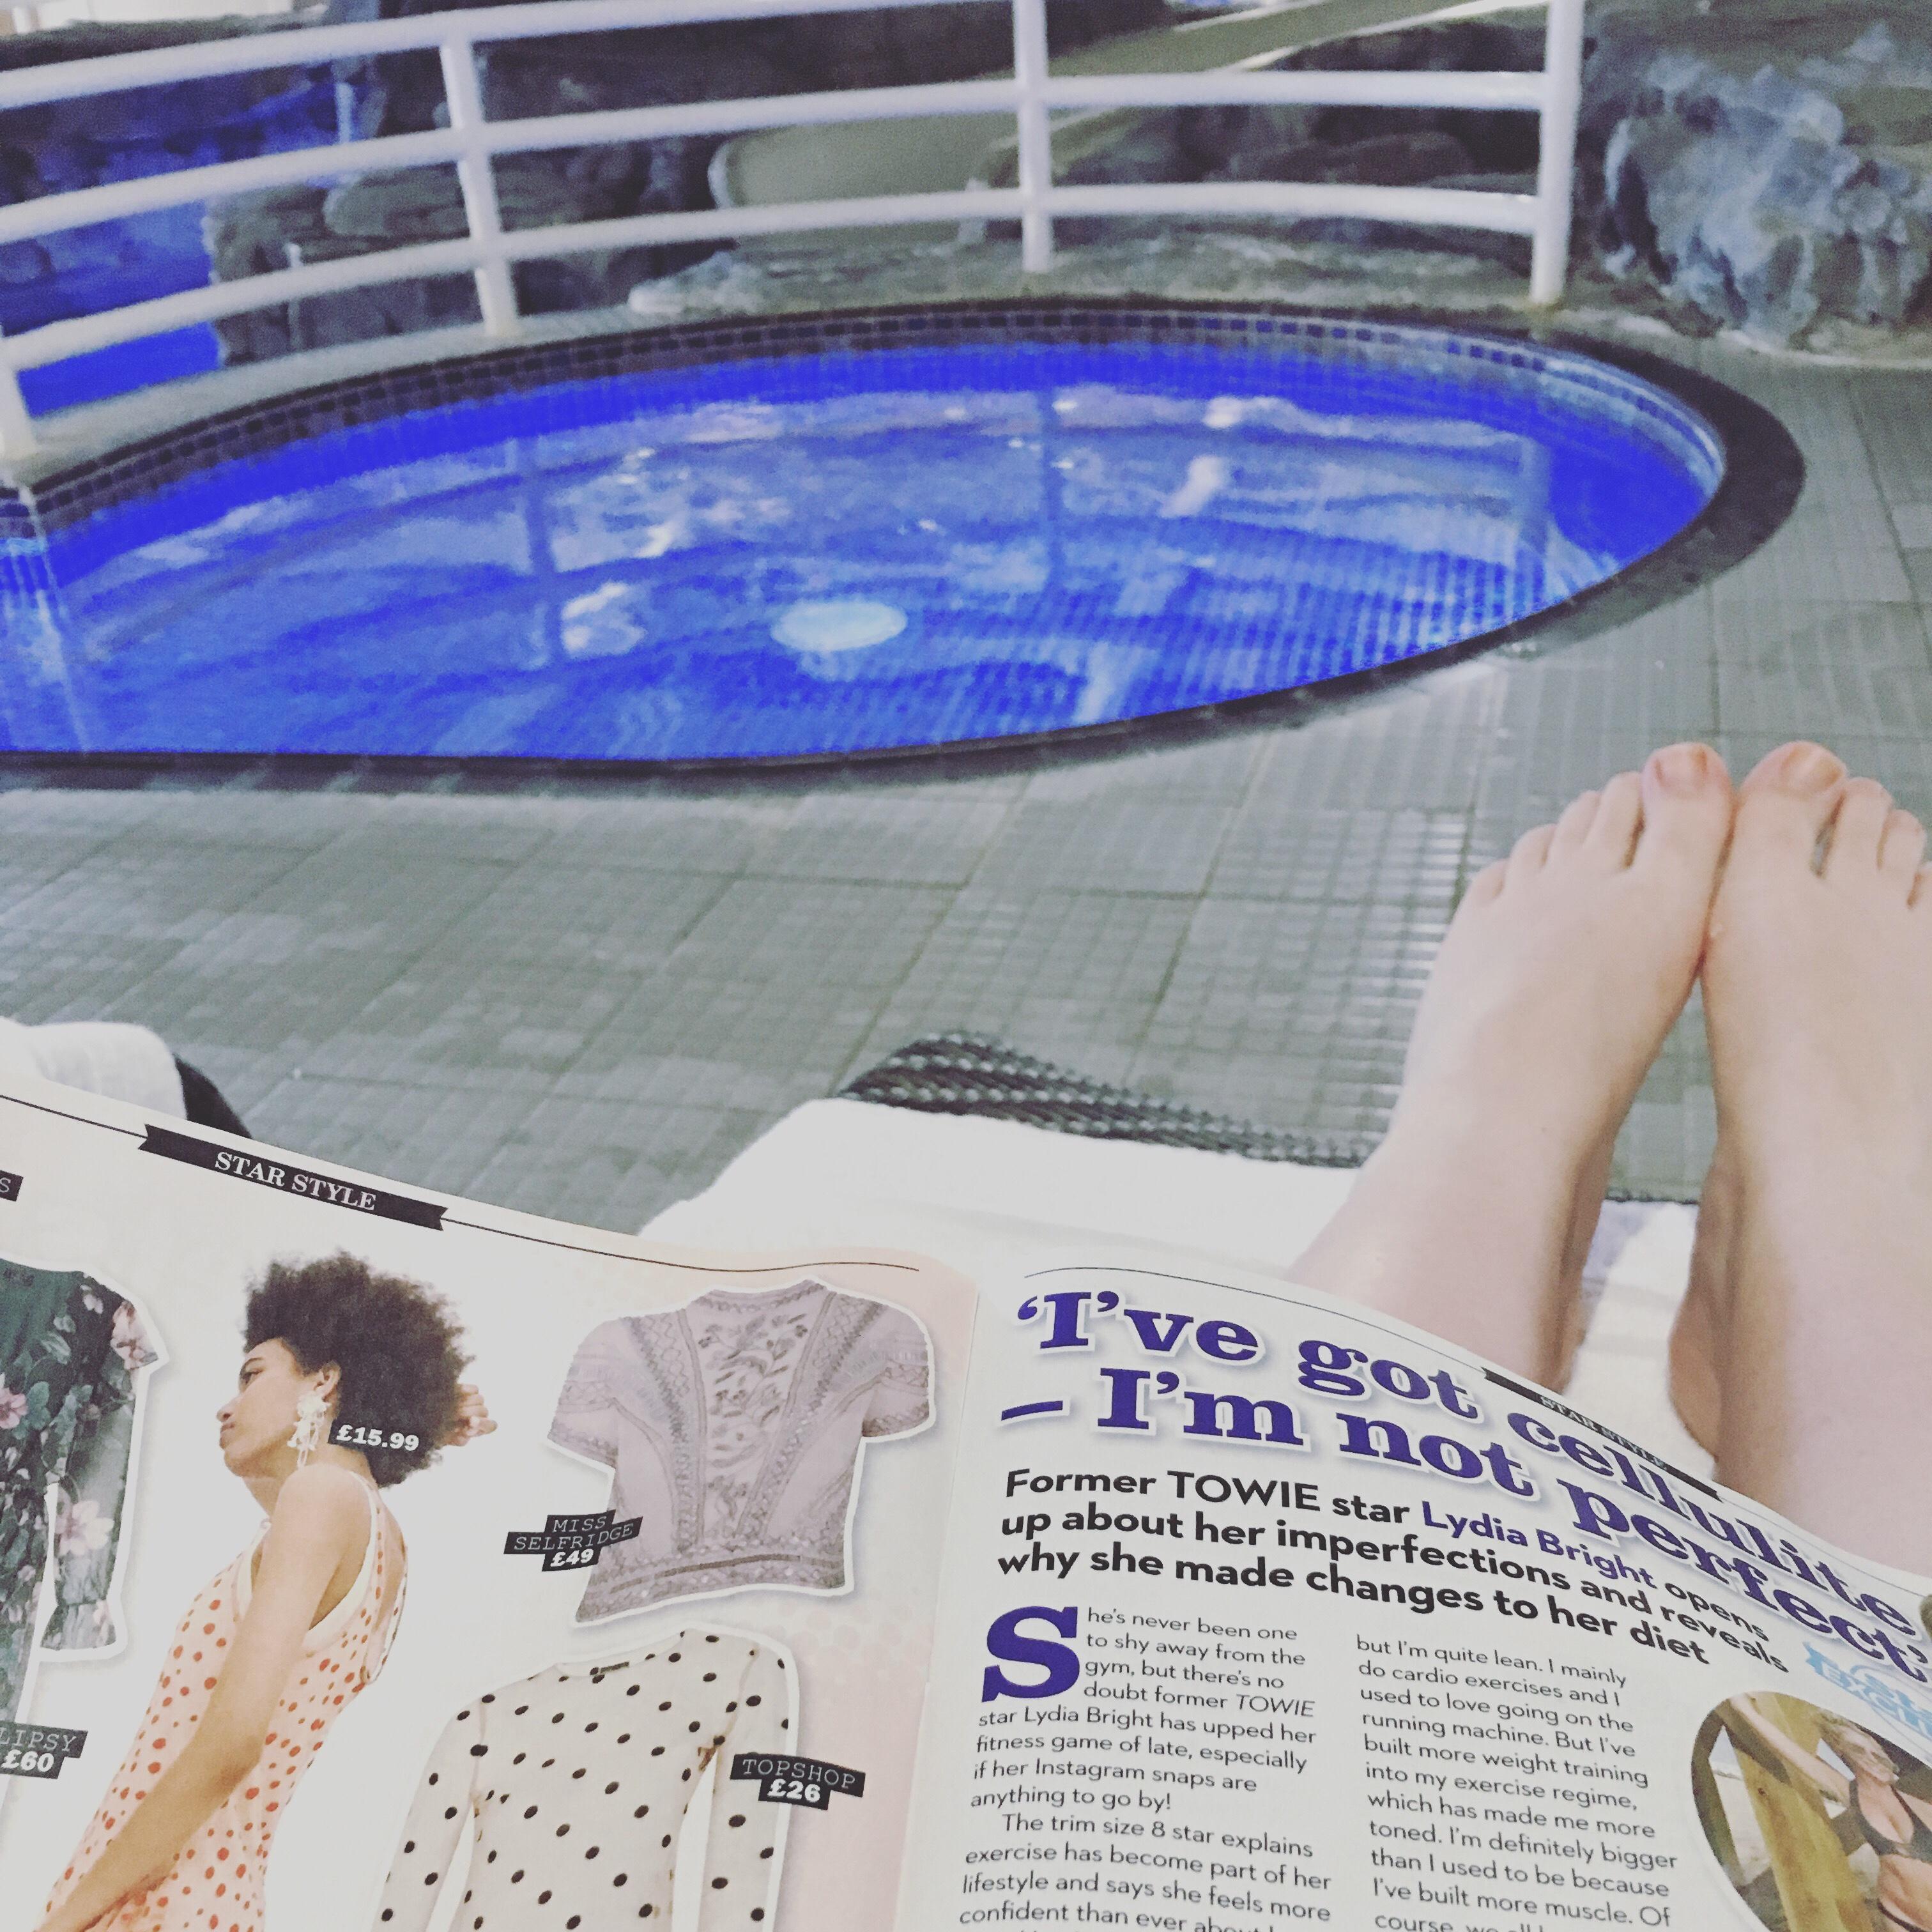 Feet up at the spa